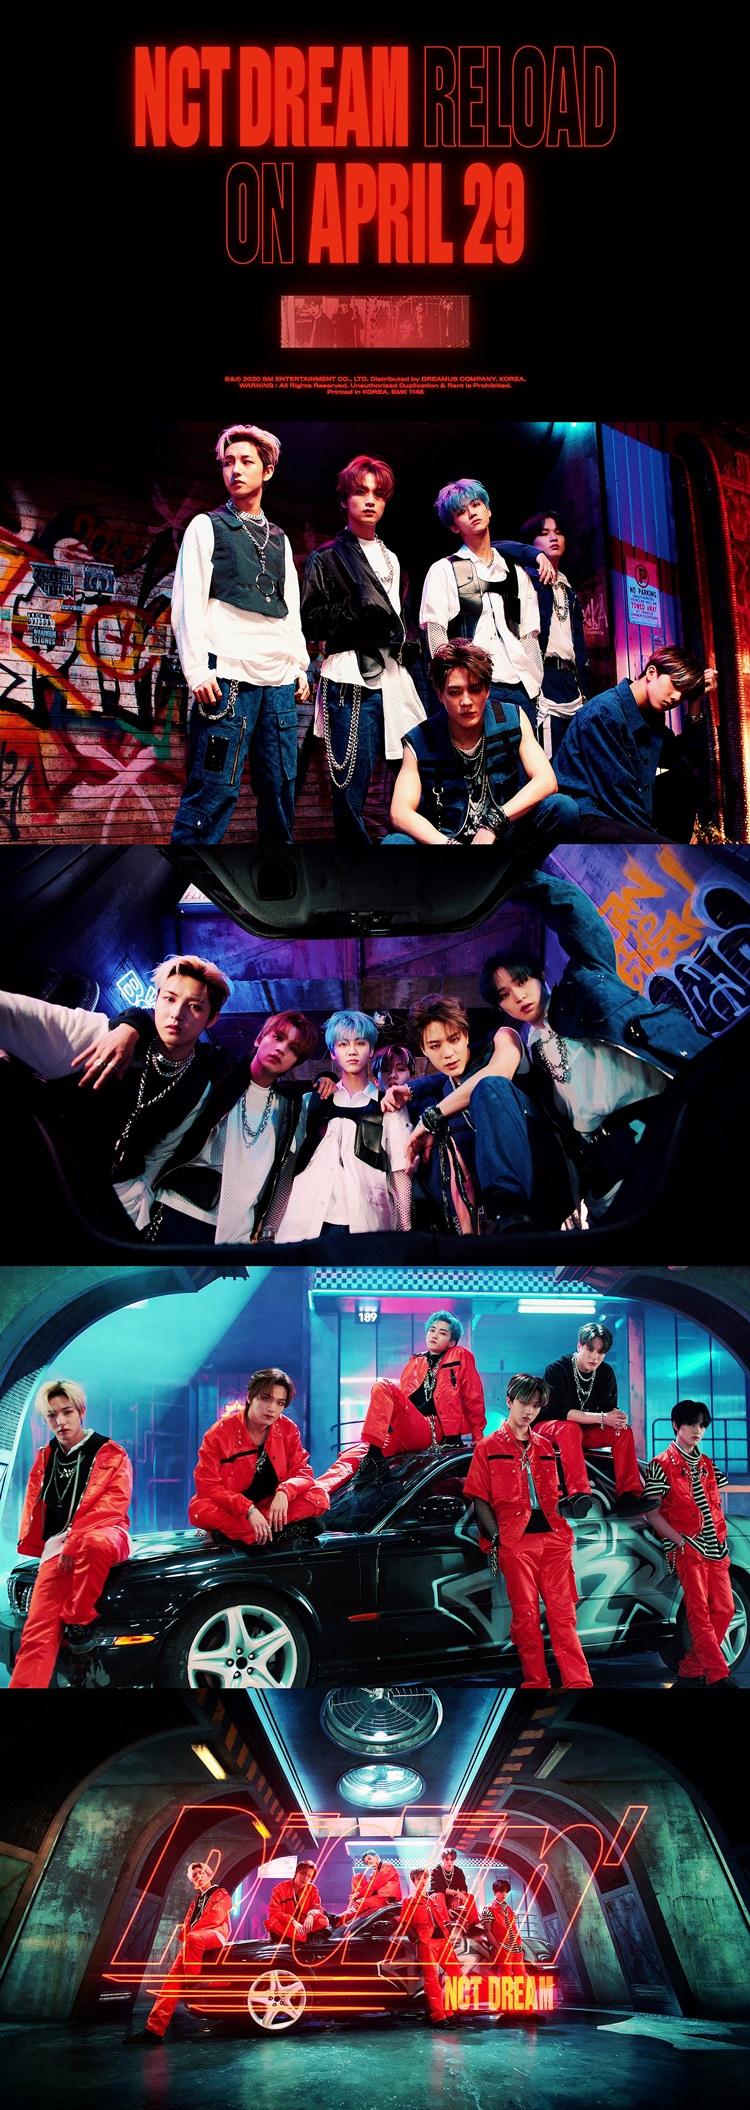 [Image 4] NCT DREAM - Album 'Reload'